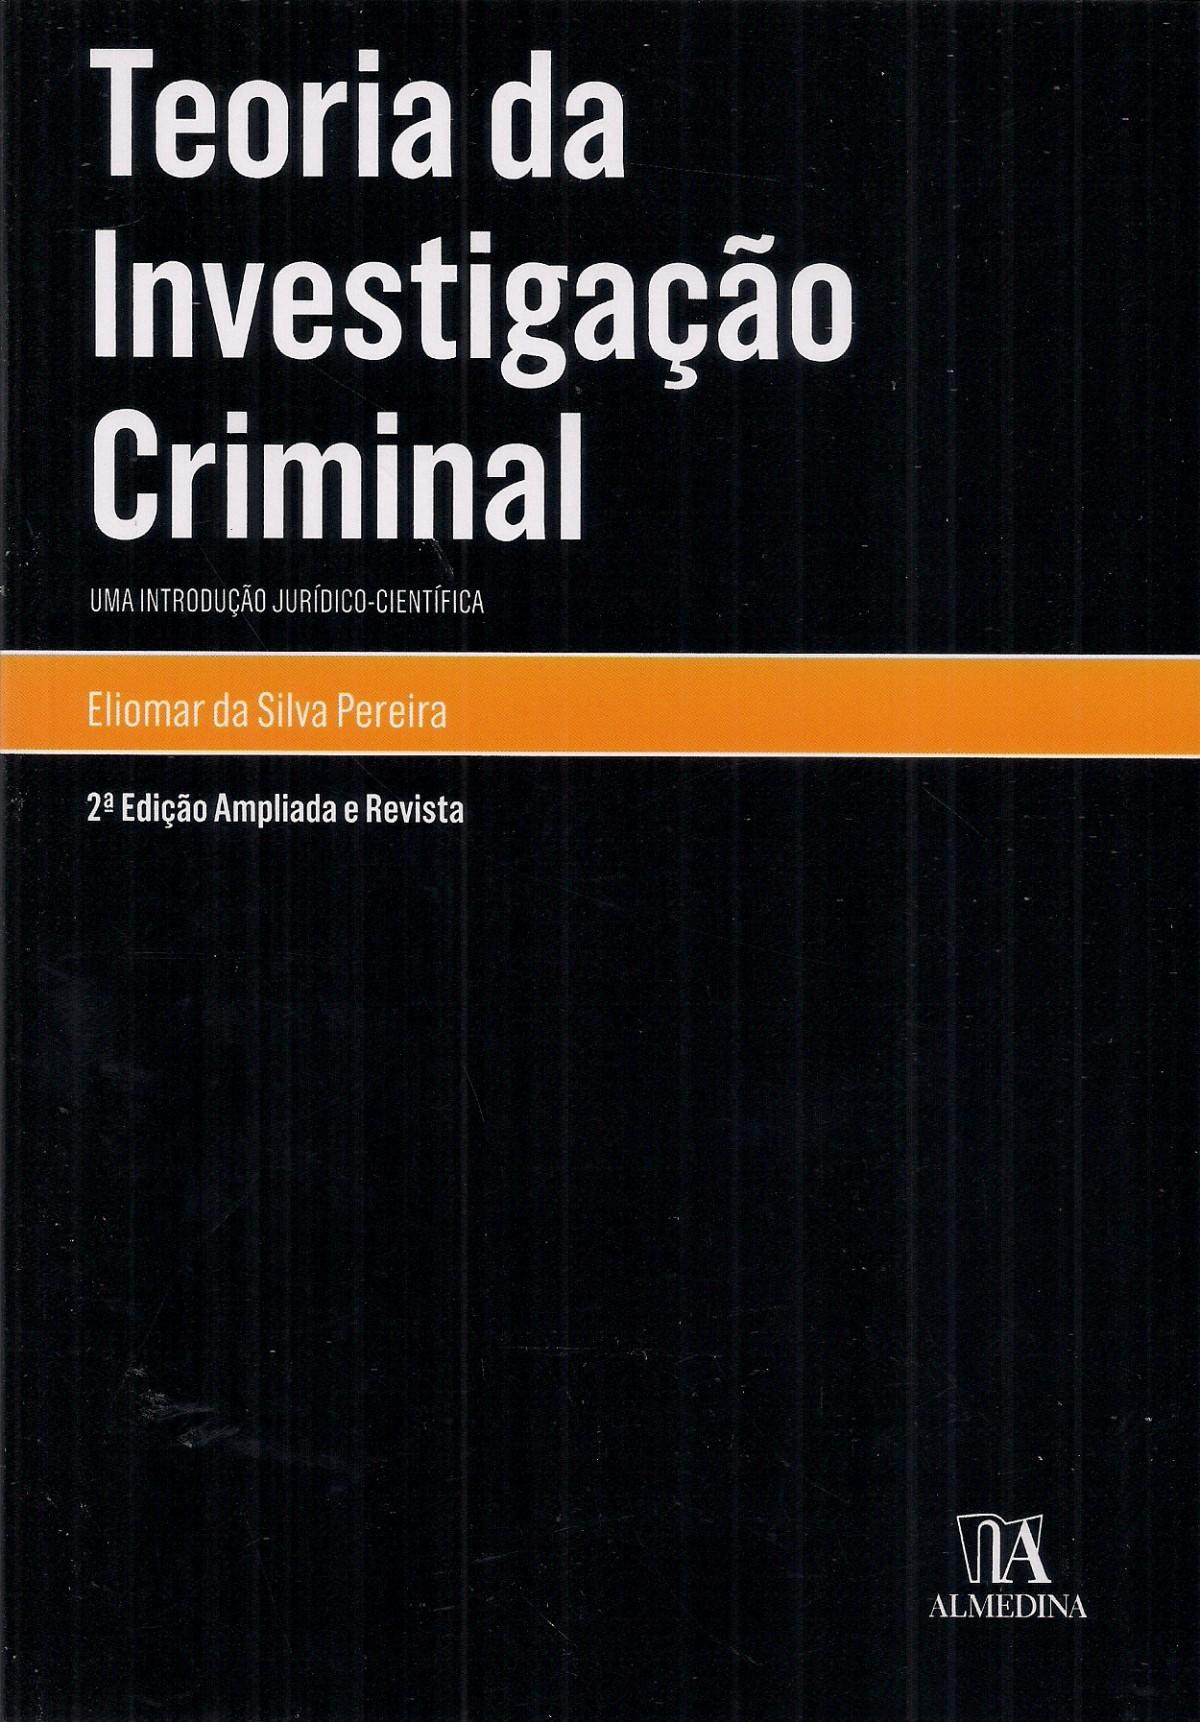 Foto 1 - Teoria da Investigação Criminal - Uma Introdução Jurídico-Científica